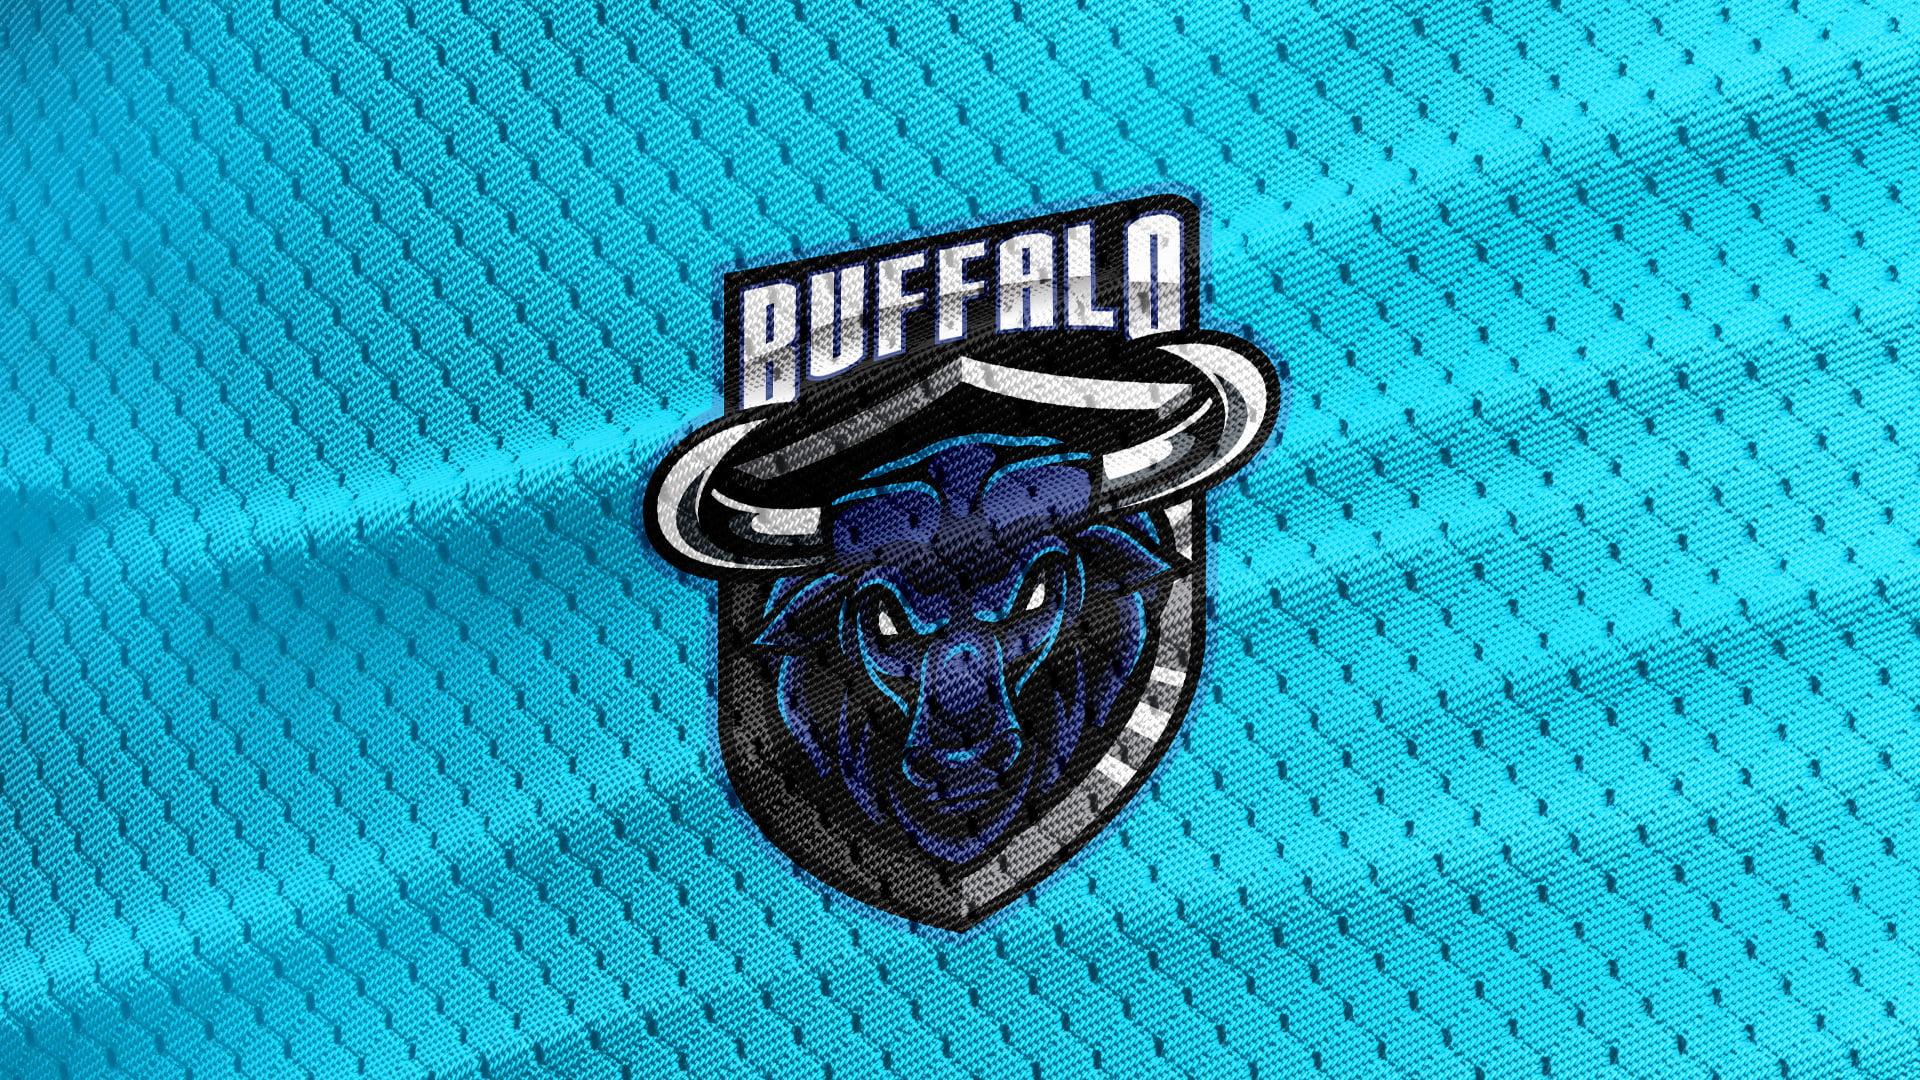 Blue-Jersey-Texture-Free-Buffalo-Mascot-Logo